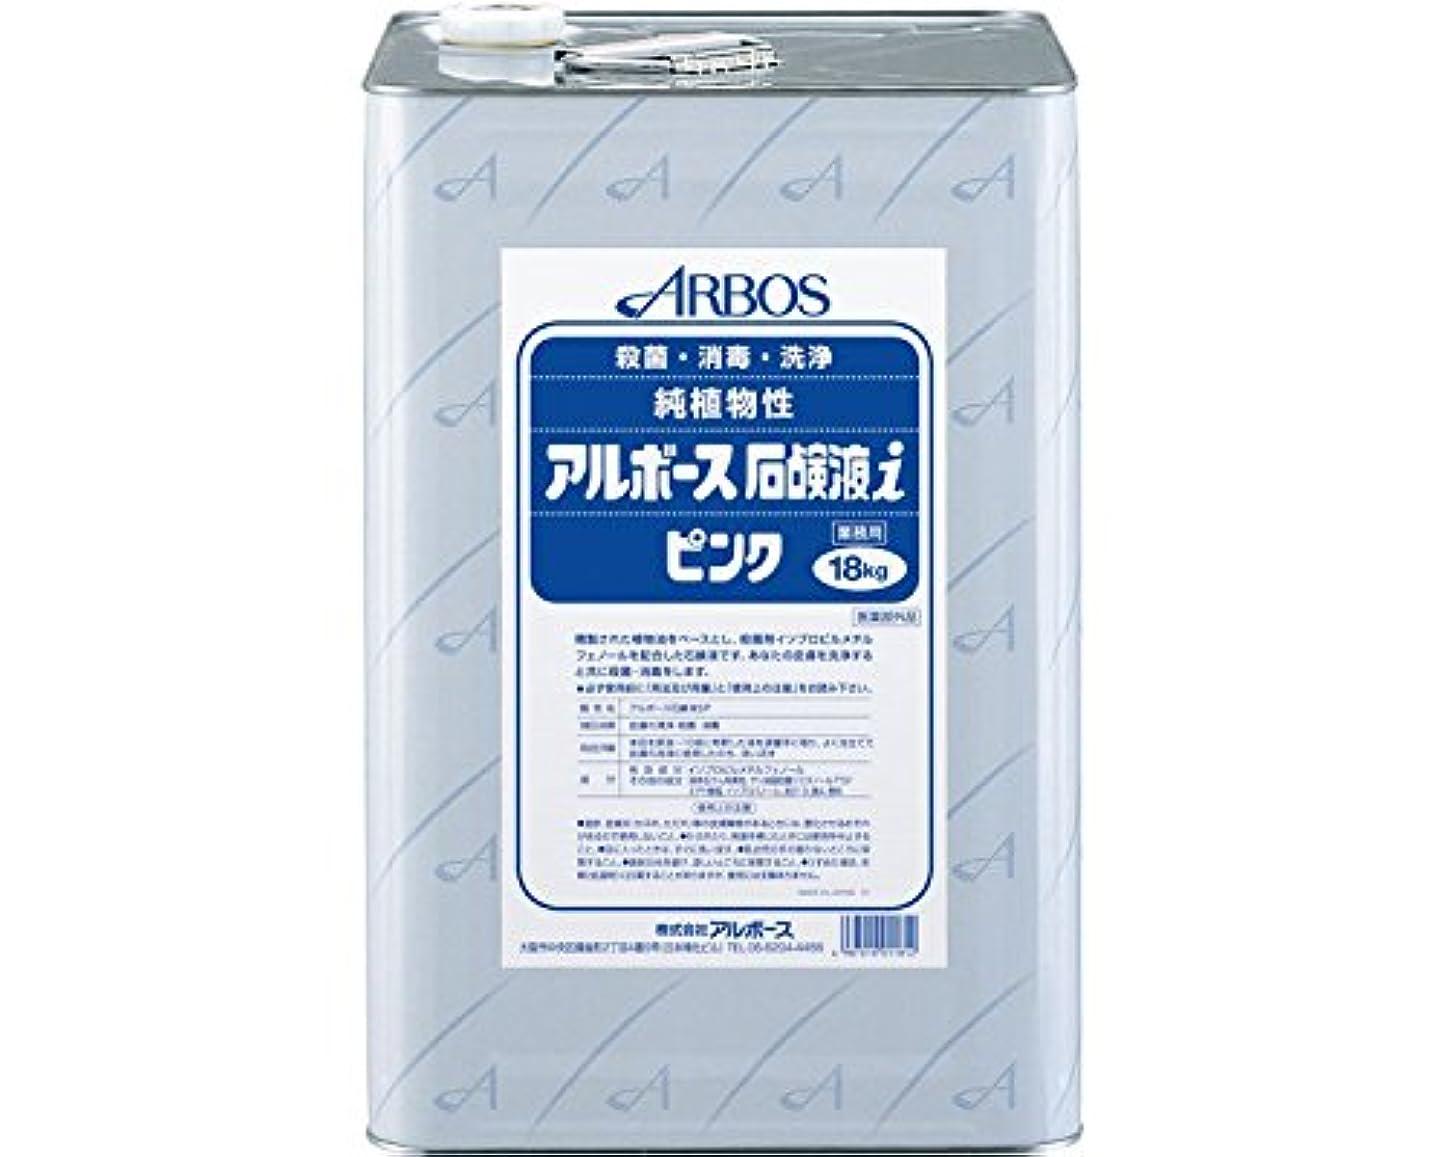 ビルマ引数俳優アルボース石鹸液i ピンク 18kg (アルボース)